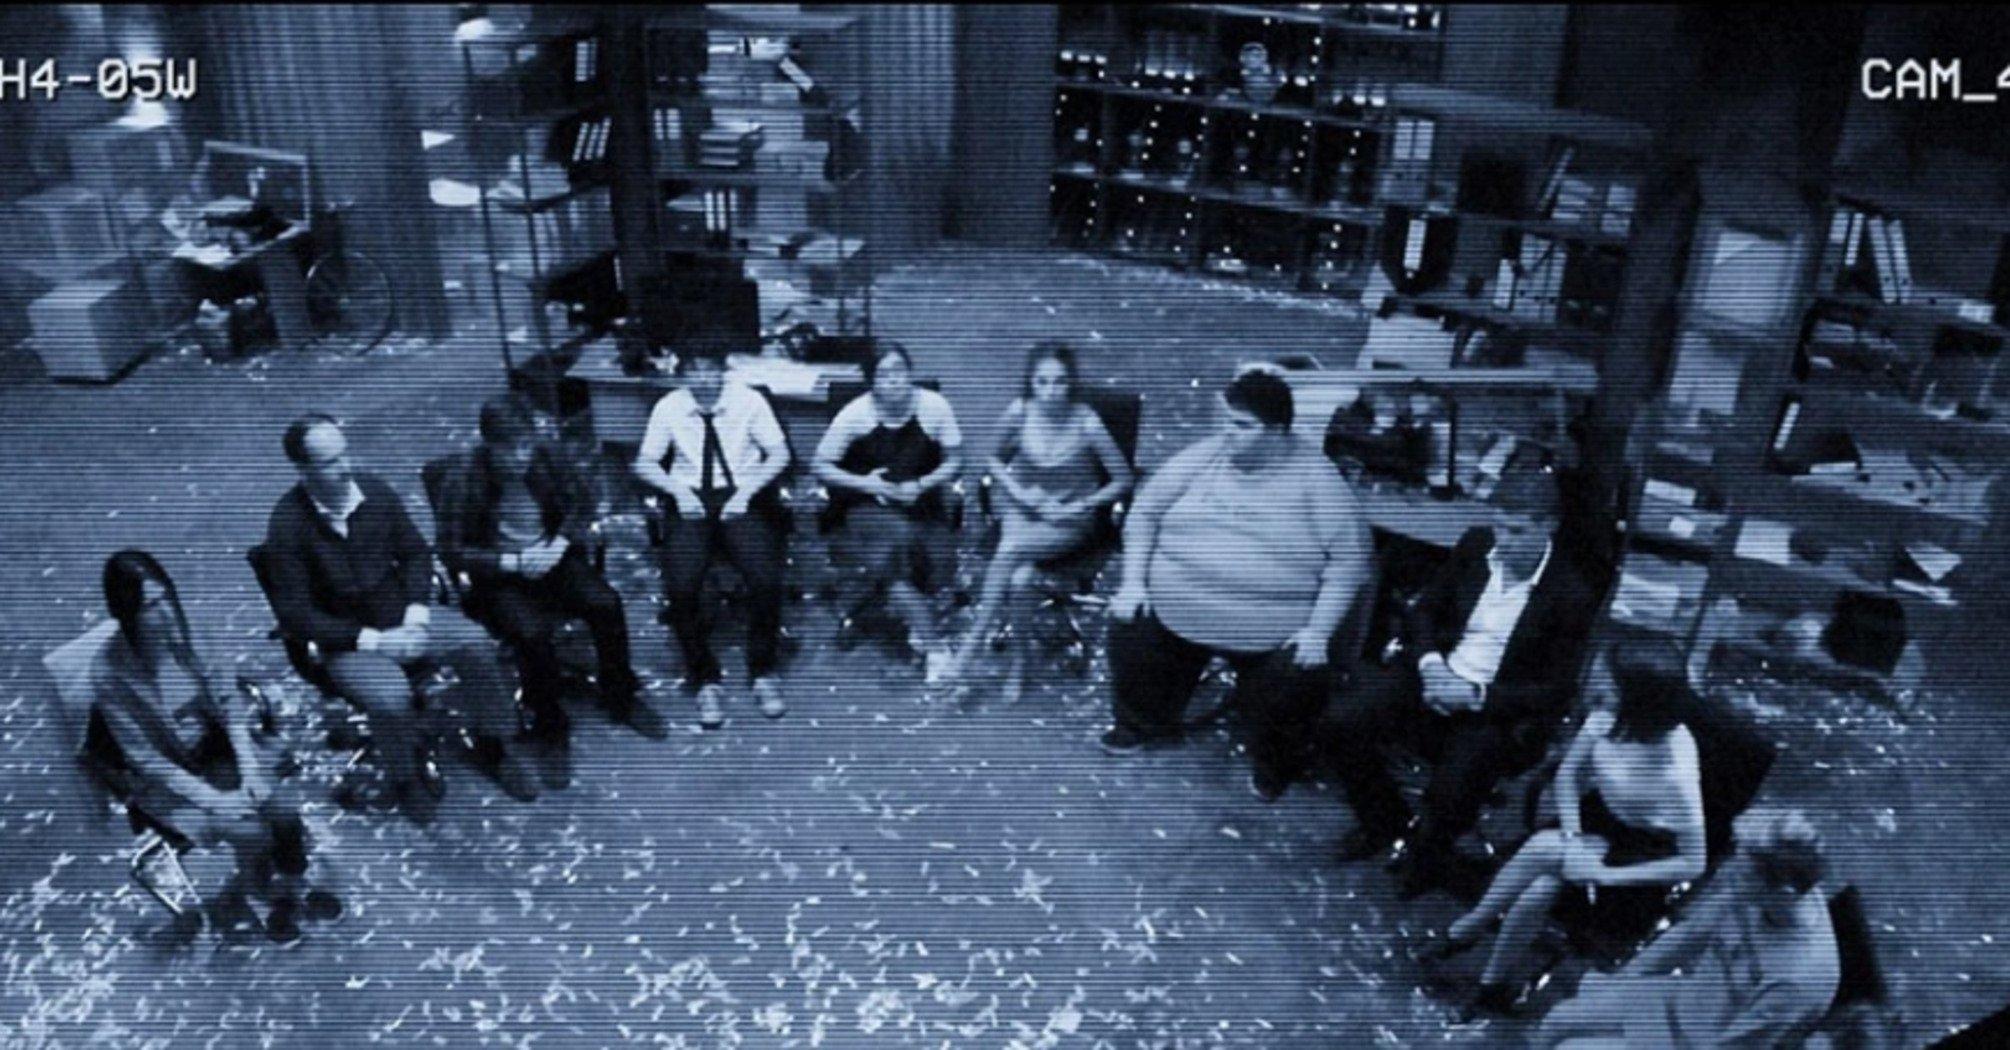 Колл-центр, 5 серия: где и когда смотреть сериал онлайн